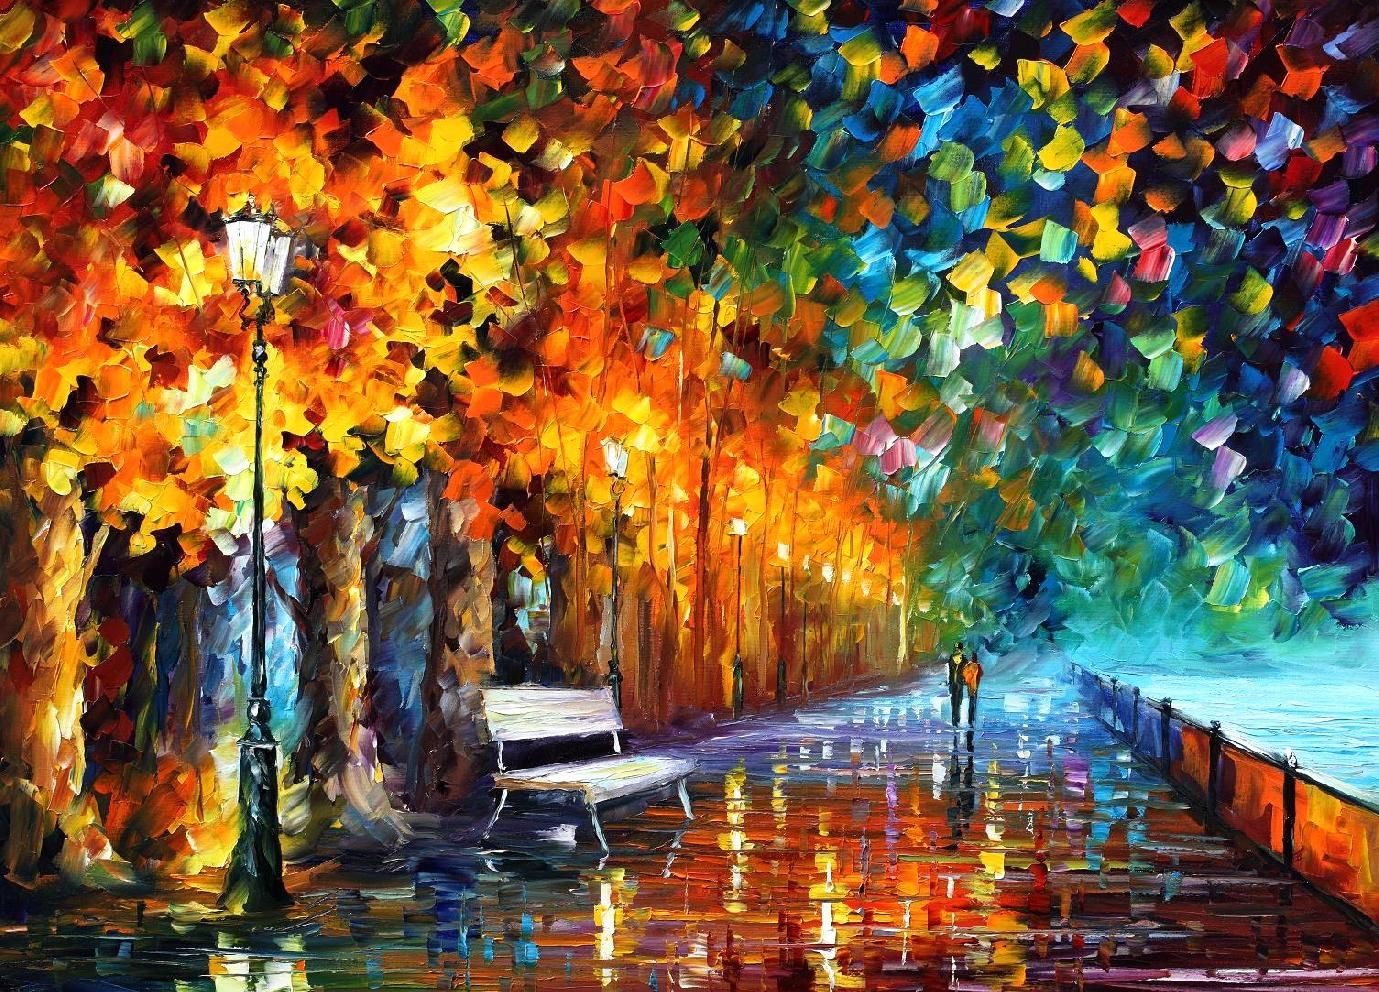 WAY TO HOME - Pintura al oleo de Leonid Afremov. Sólo hoy - 89$. Envío gratis https://afremov.com/WAY-TO-HOME-PALETTE-KNIFE-Oil-Painting-On-Canvas-By-Leonid-Afremov-Size-40-X30.html?bid=1&partner=20921&utm_medium=/offer&utm_campaign=v-ADD-YOUR&utm_source=s-offer